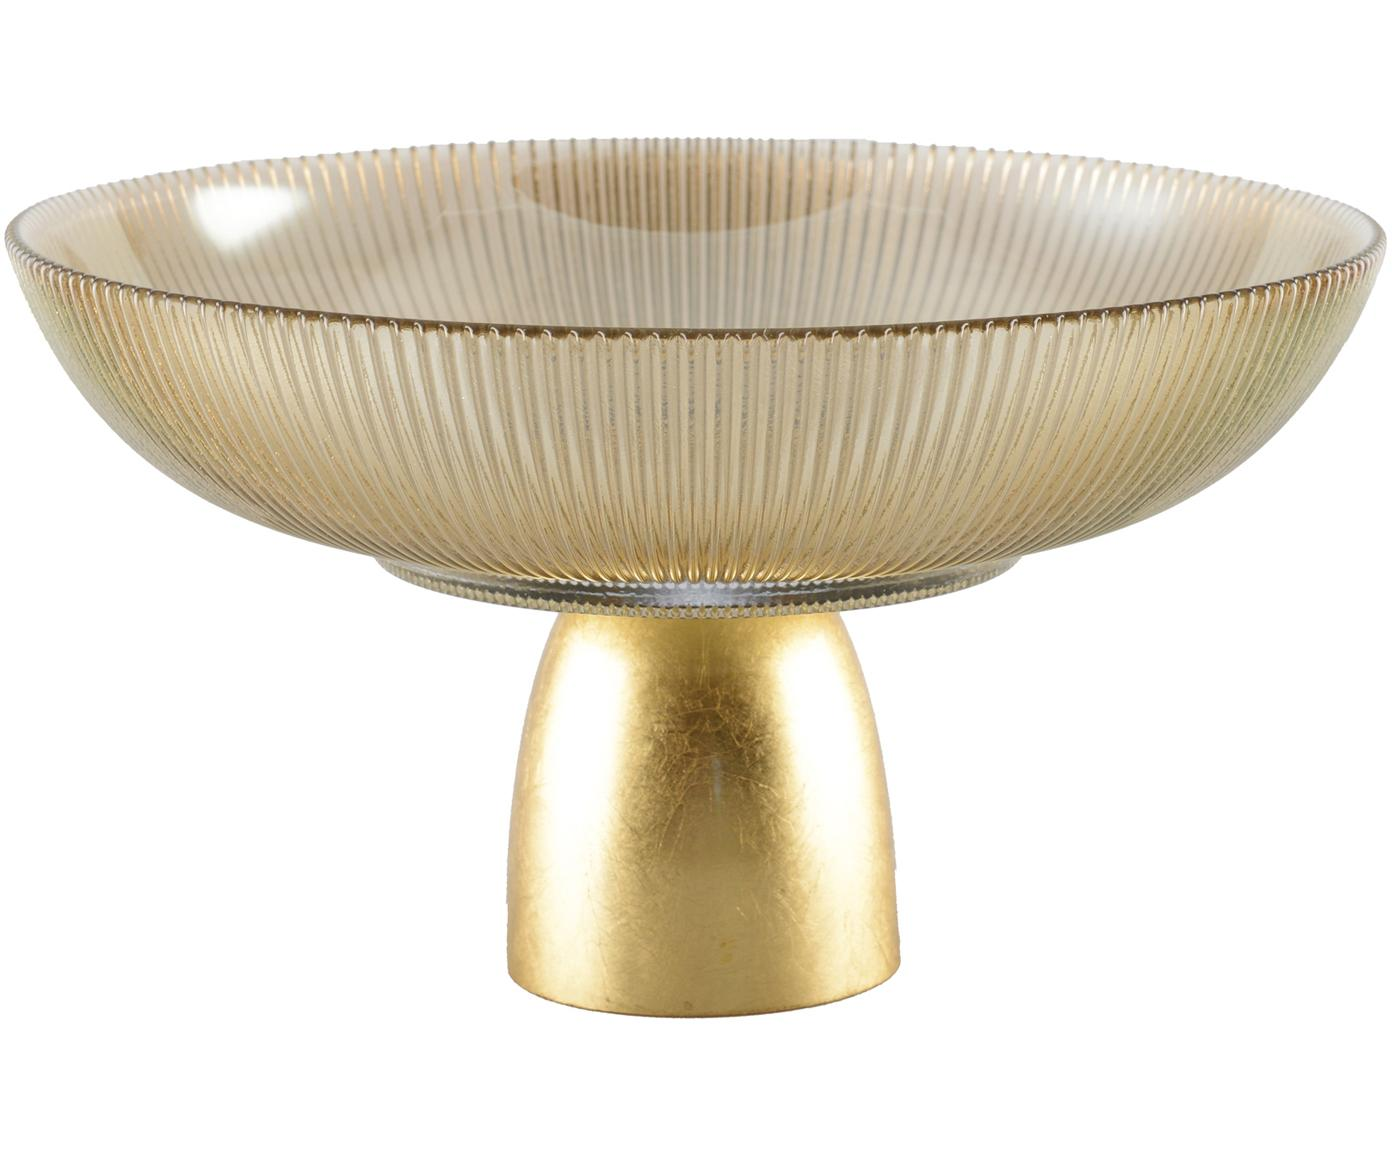 Deko-Schale Luster, Schale: Glas, Sockel: Metall, Bräunlich, transparent, Goldfarben, Ø 25 cm